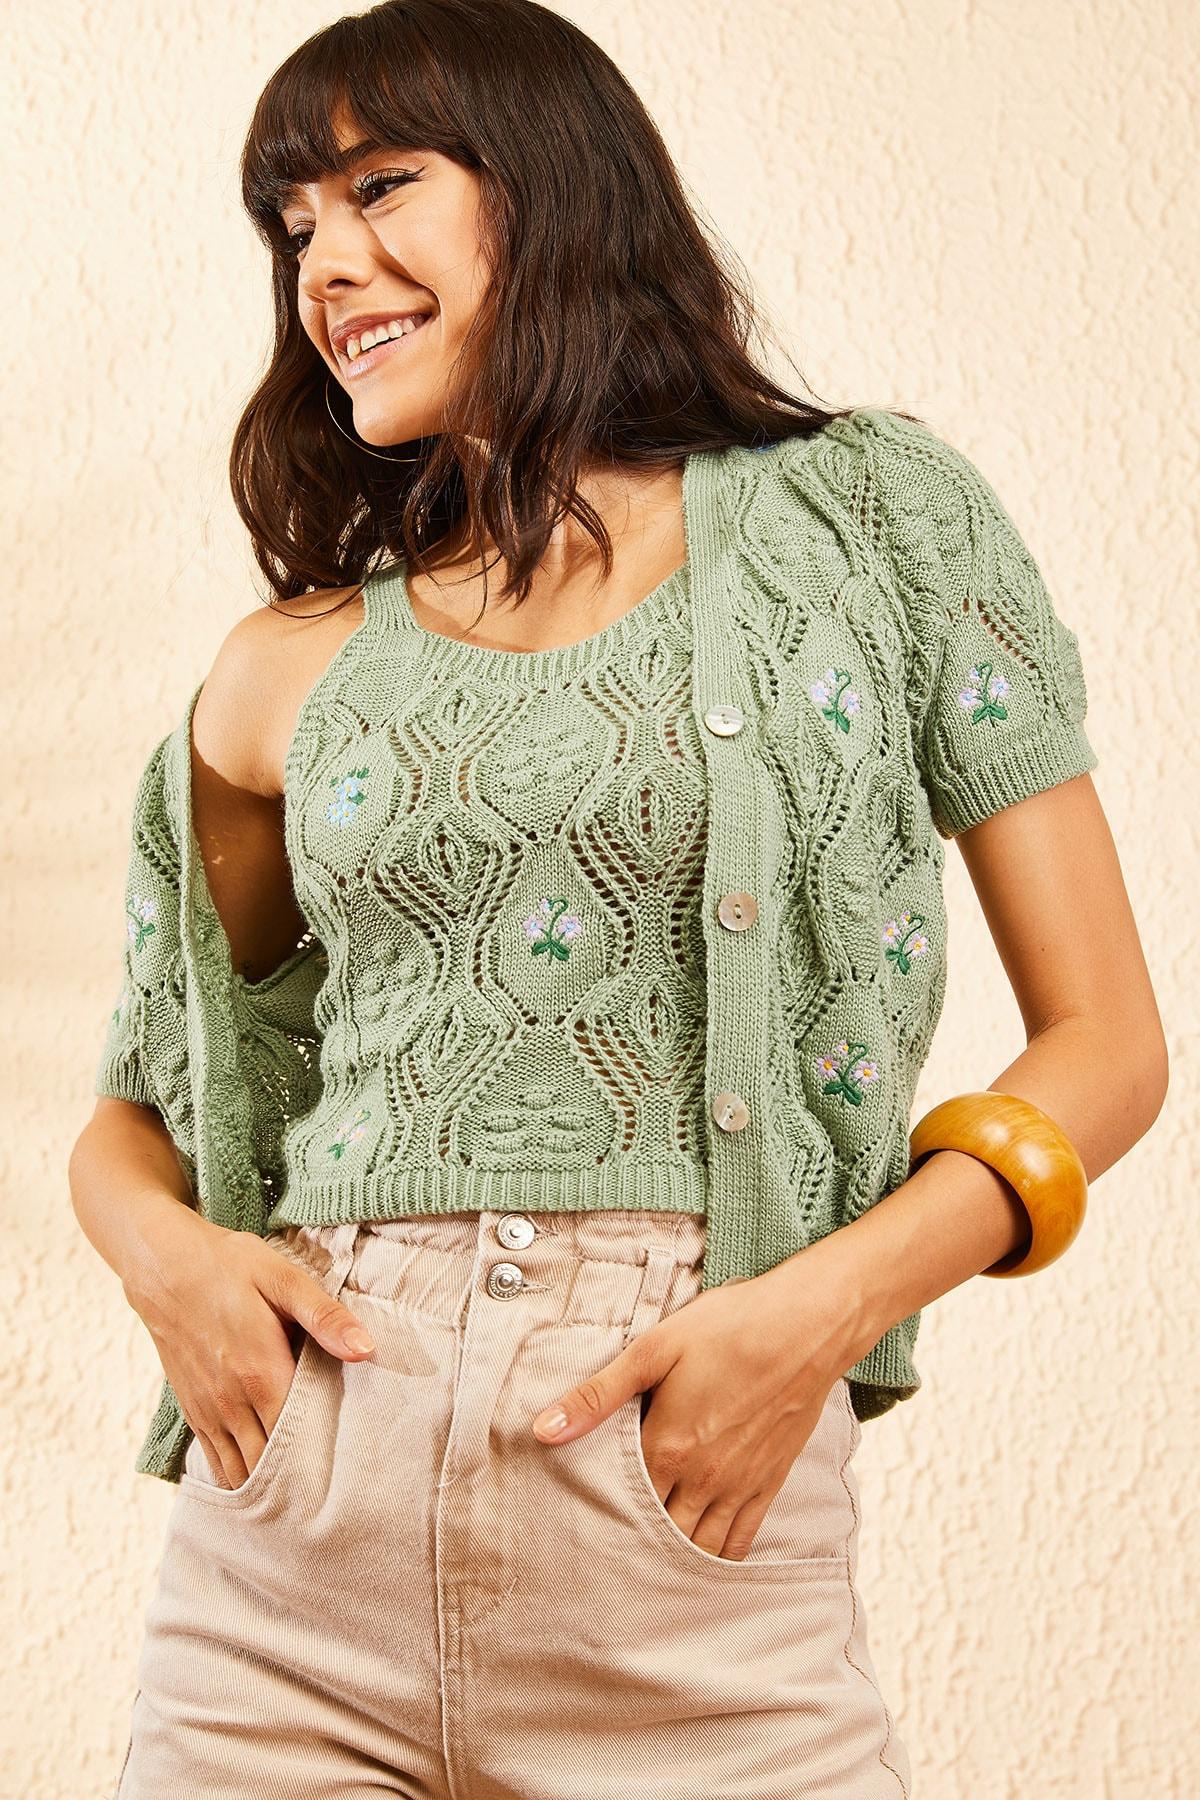 Bianco Lucci Kadın Çağla Yeşili Kadın Nakış İşlemeli Hırka ve Crop Top Bluz Triko Takım 10101032 1